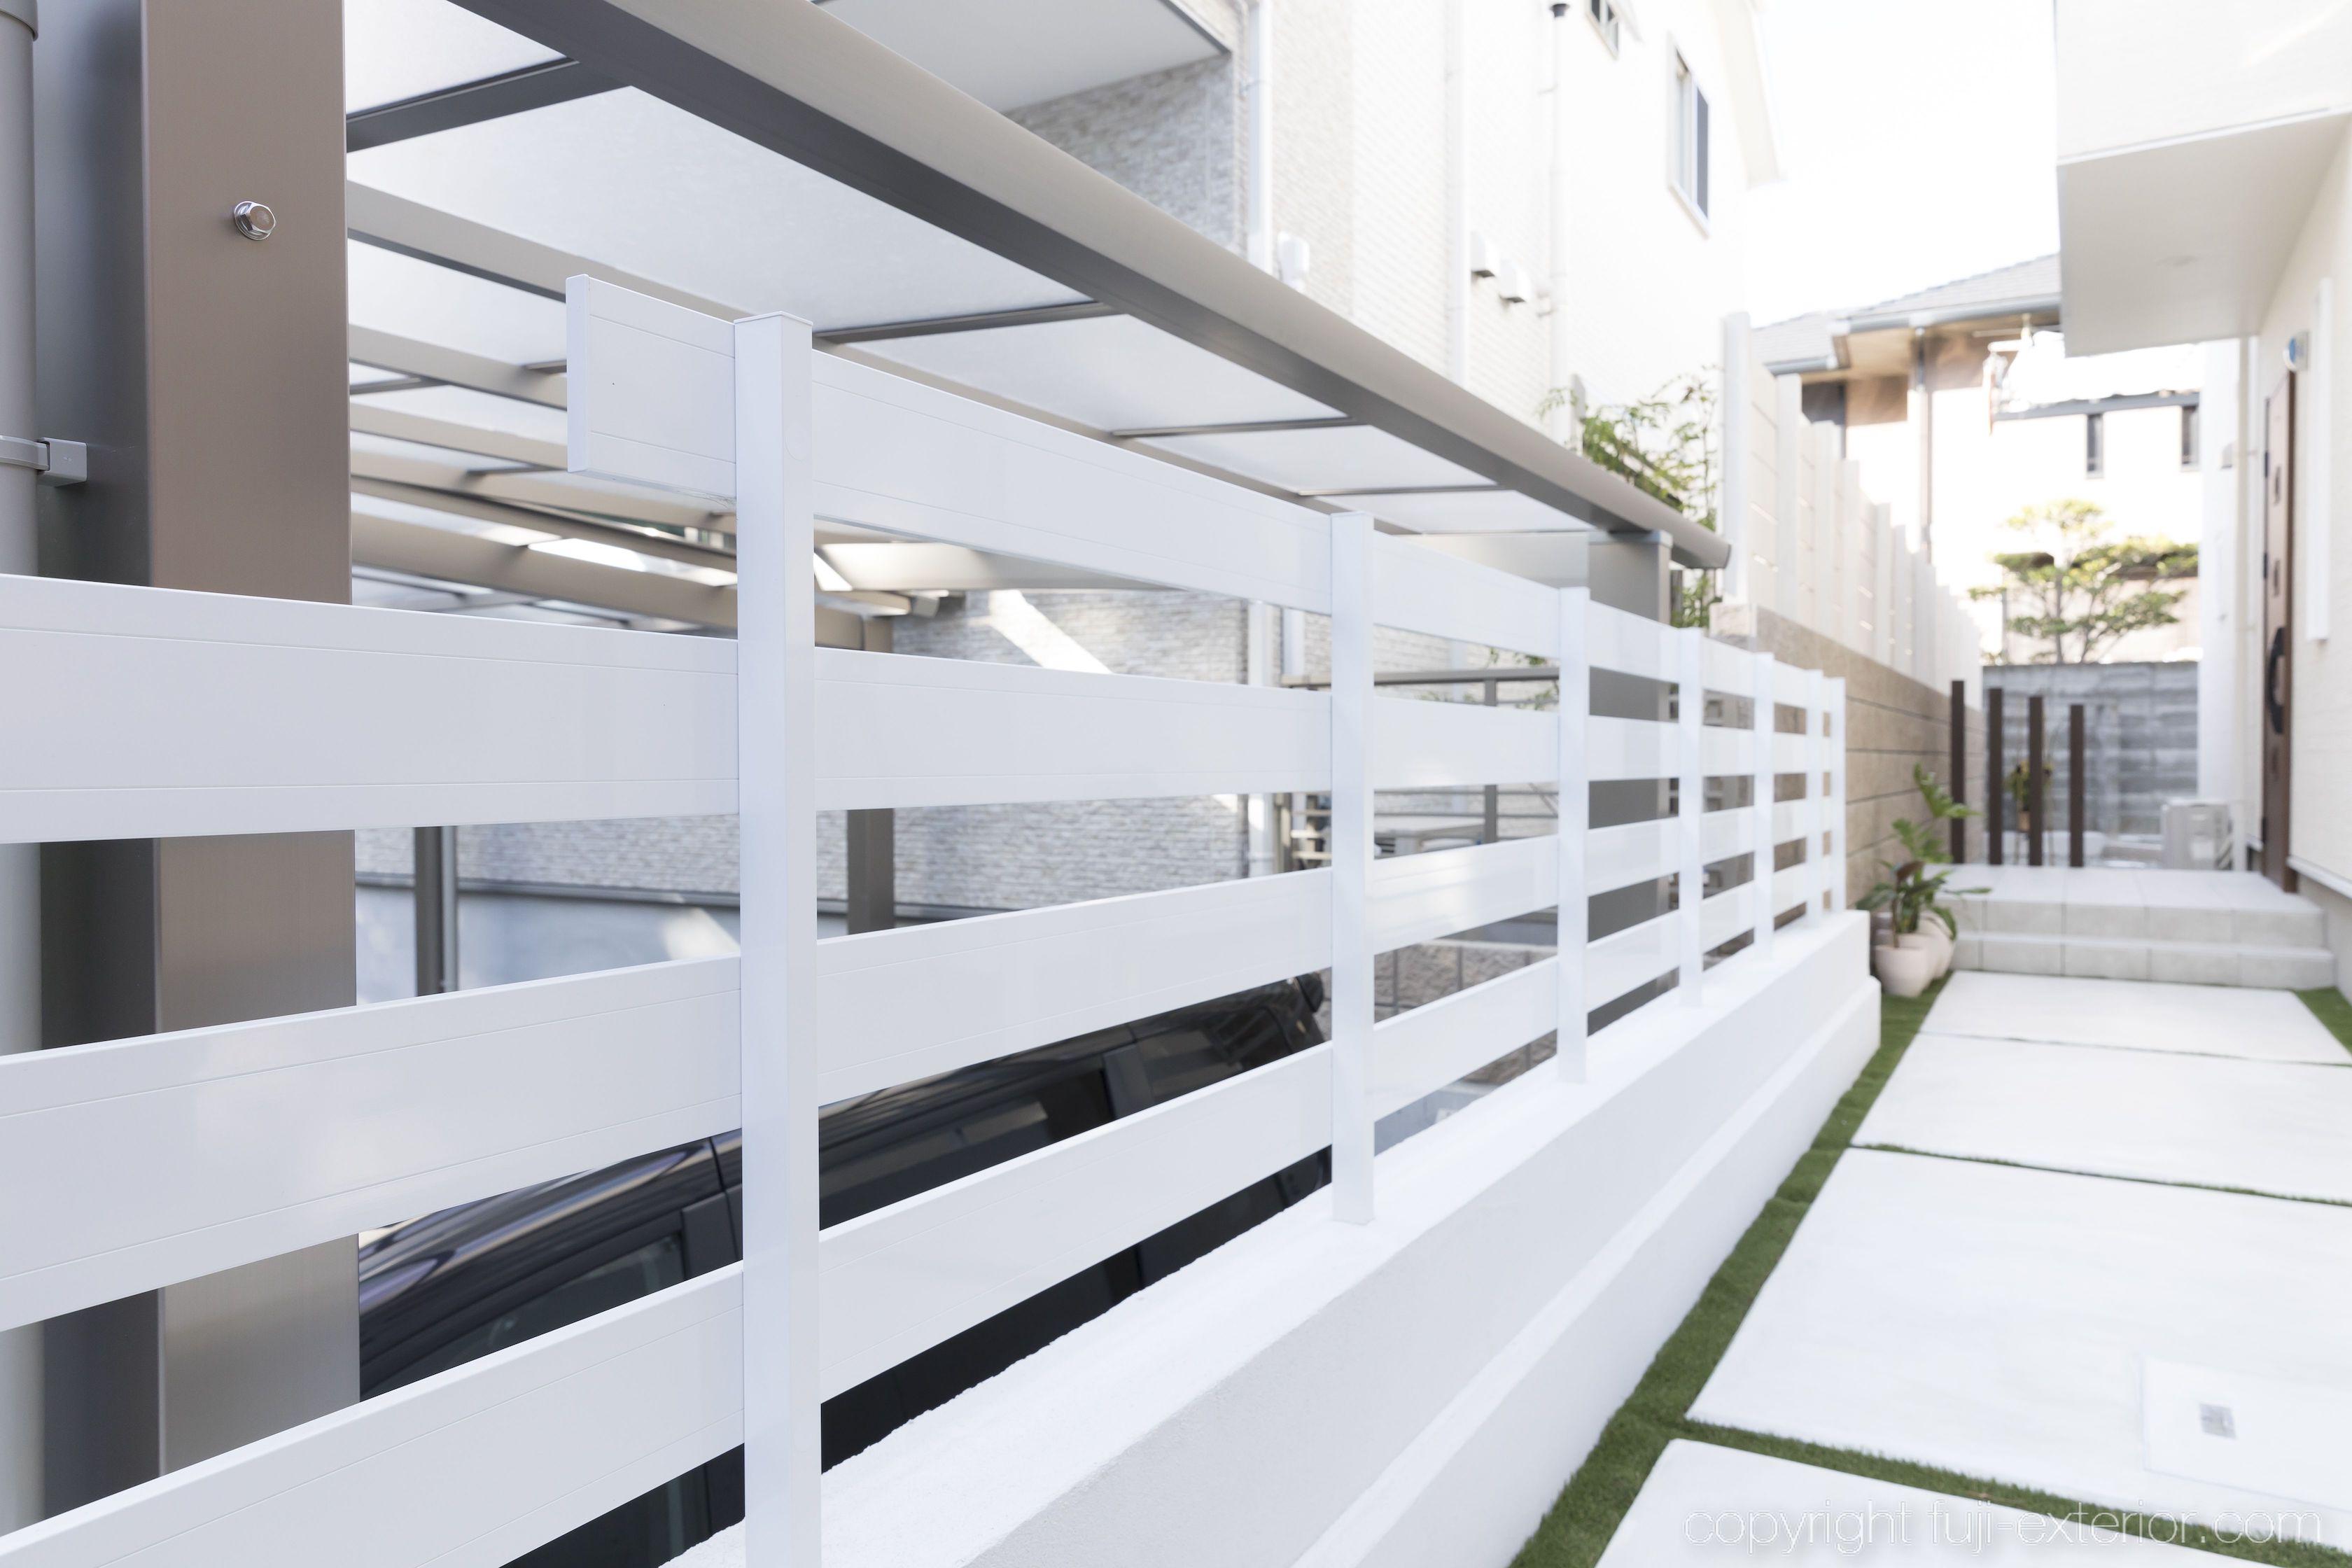 犬走り 白 外構 目隠しフェンス 人工芝の目地 大阪 外構工事 エクステリア